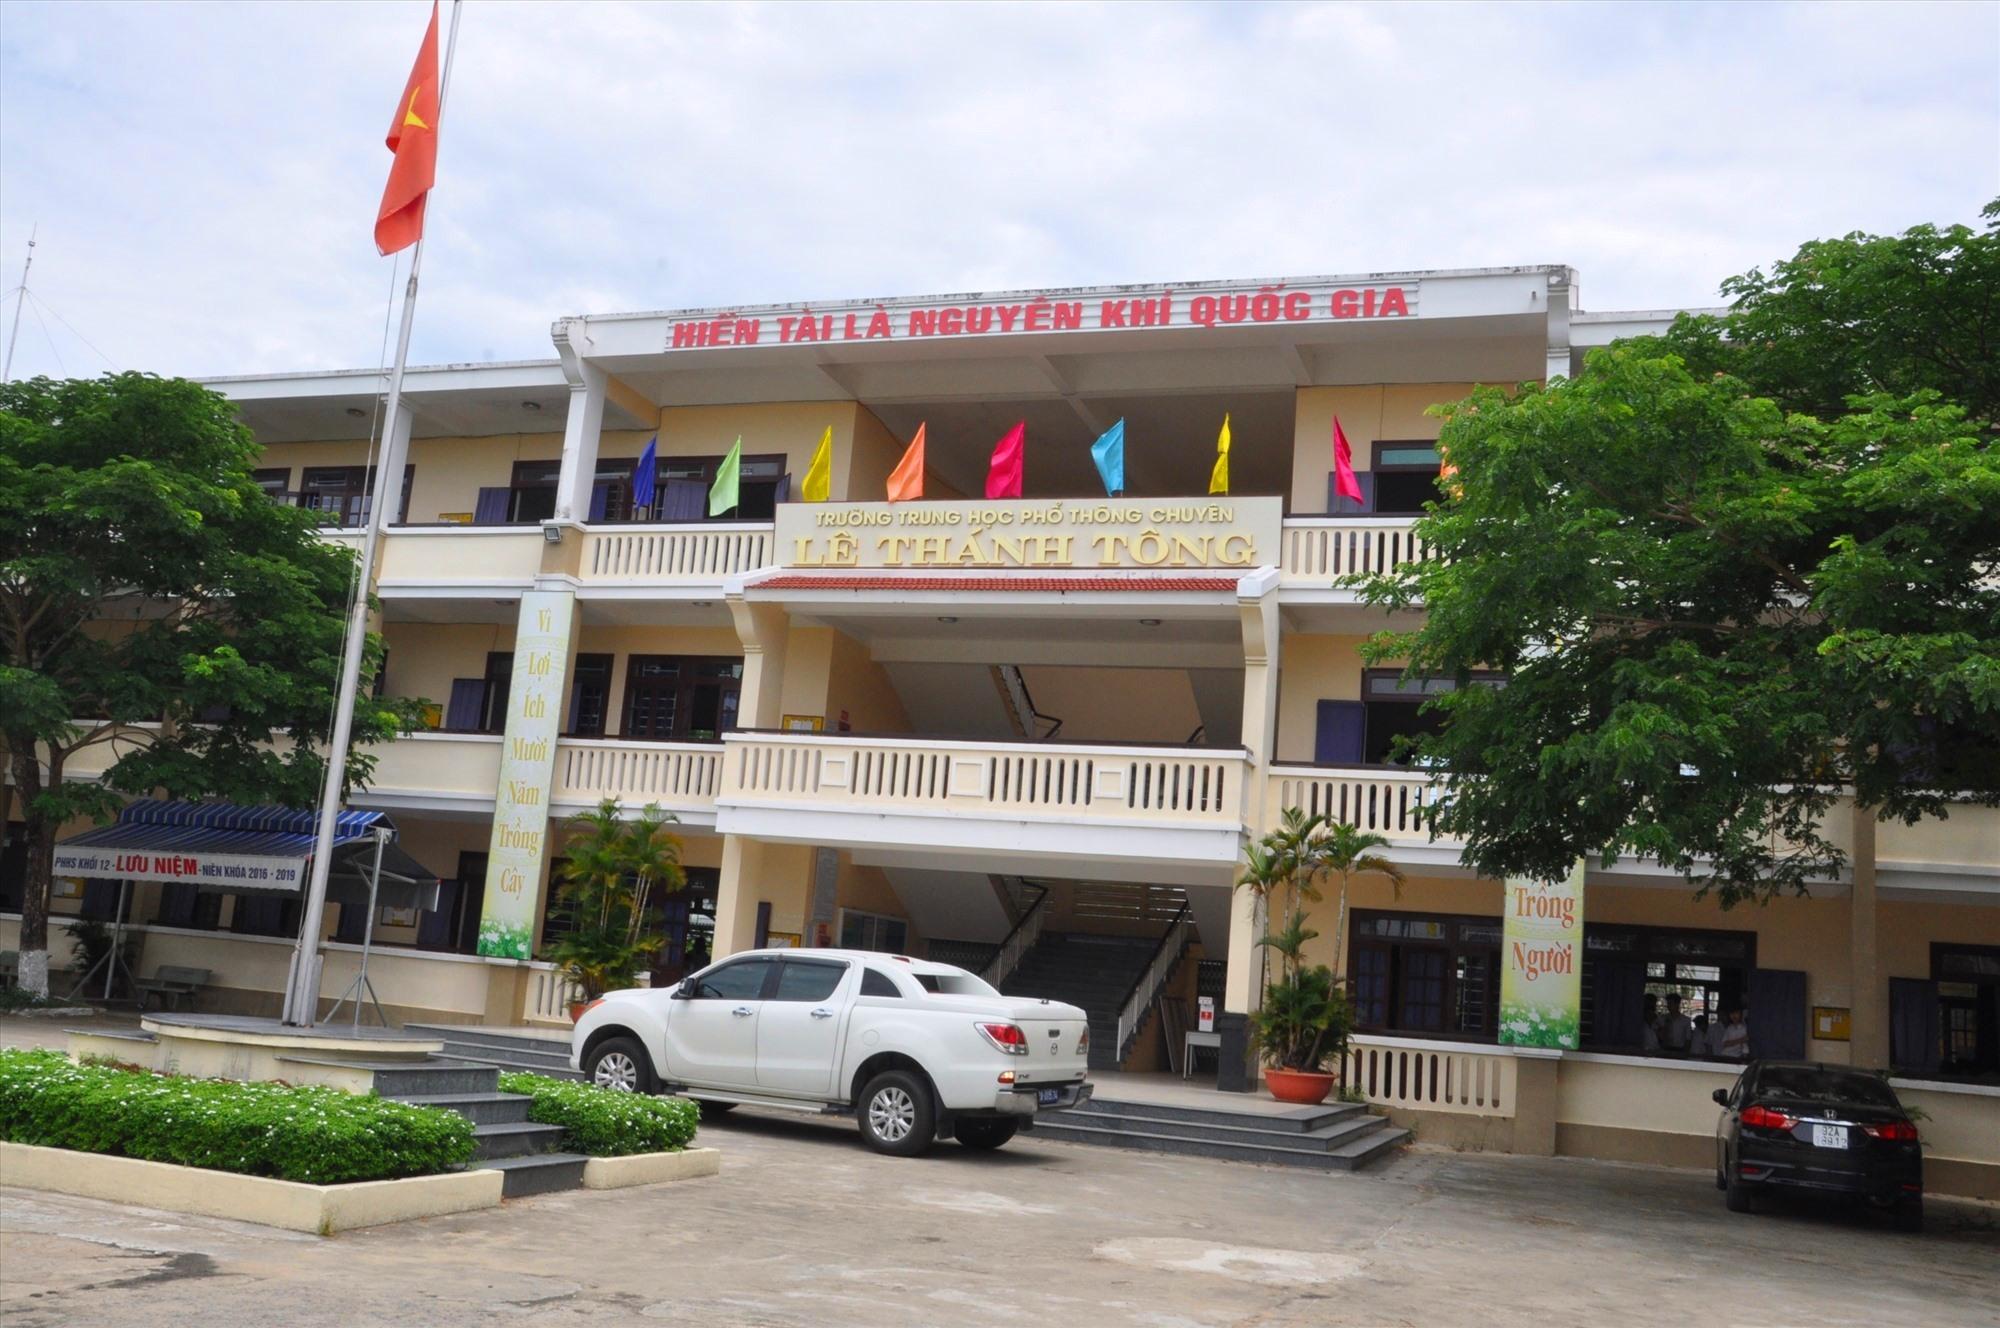 Trường THPT chuyên Lê Thánh Tông ra đời tạo điều kiện cho học sinh các địa phương phía bắc của tỉnh theo học. Ảnh: X.P